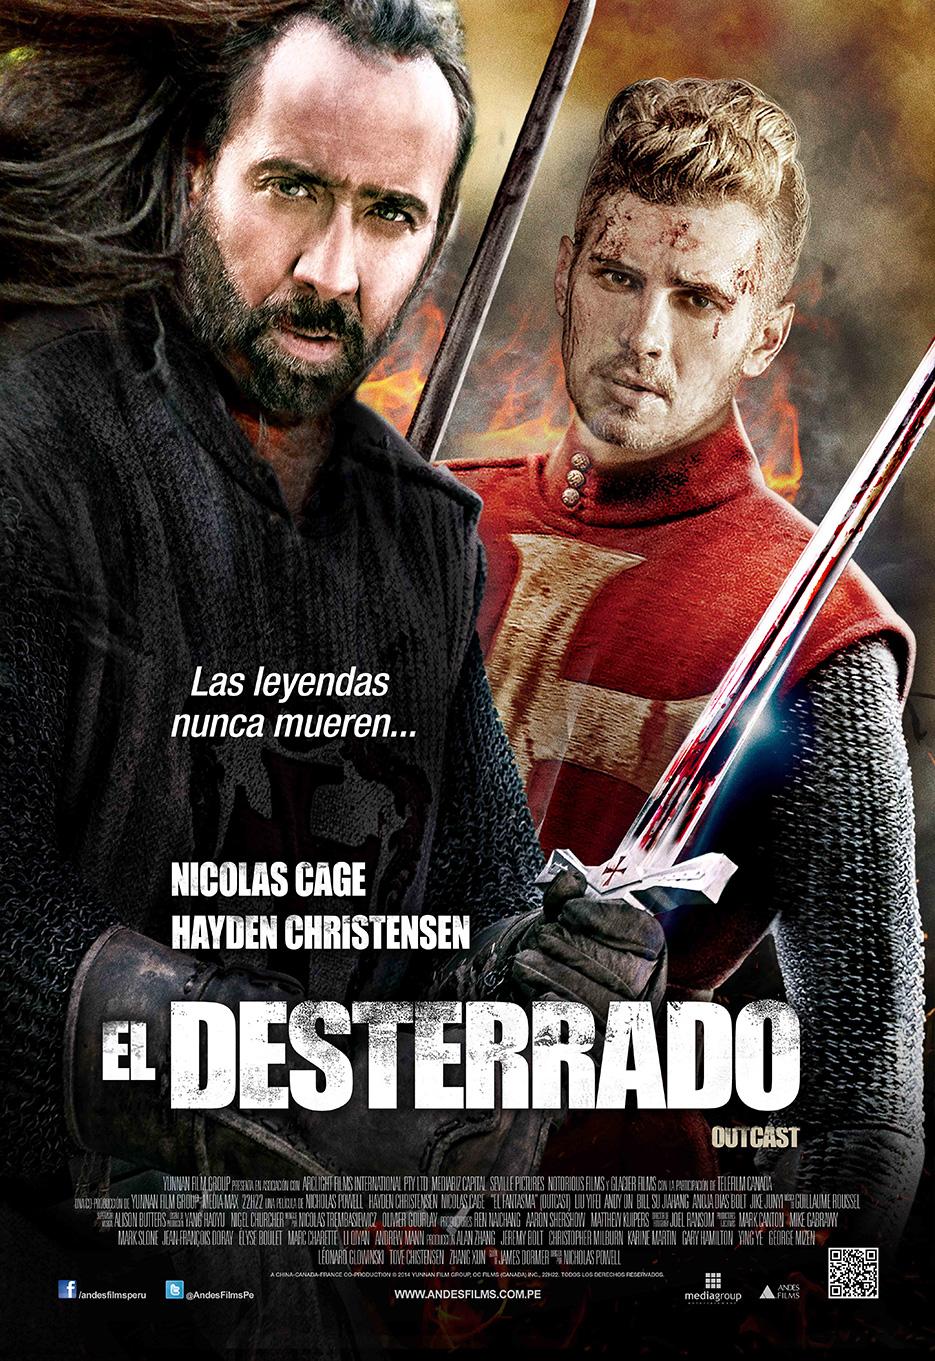 http://www.andesfilms.com.pe/el-desterrado/